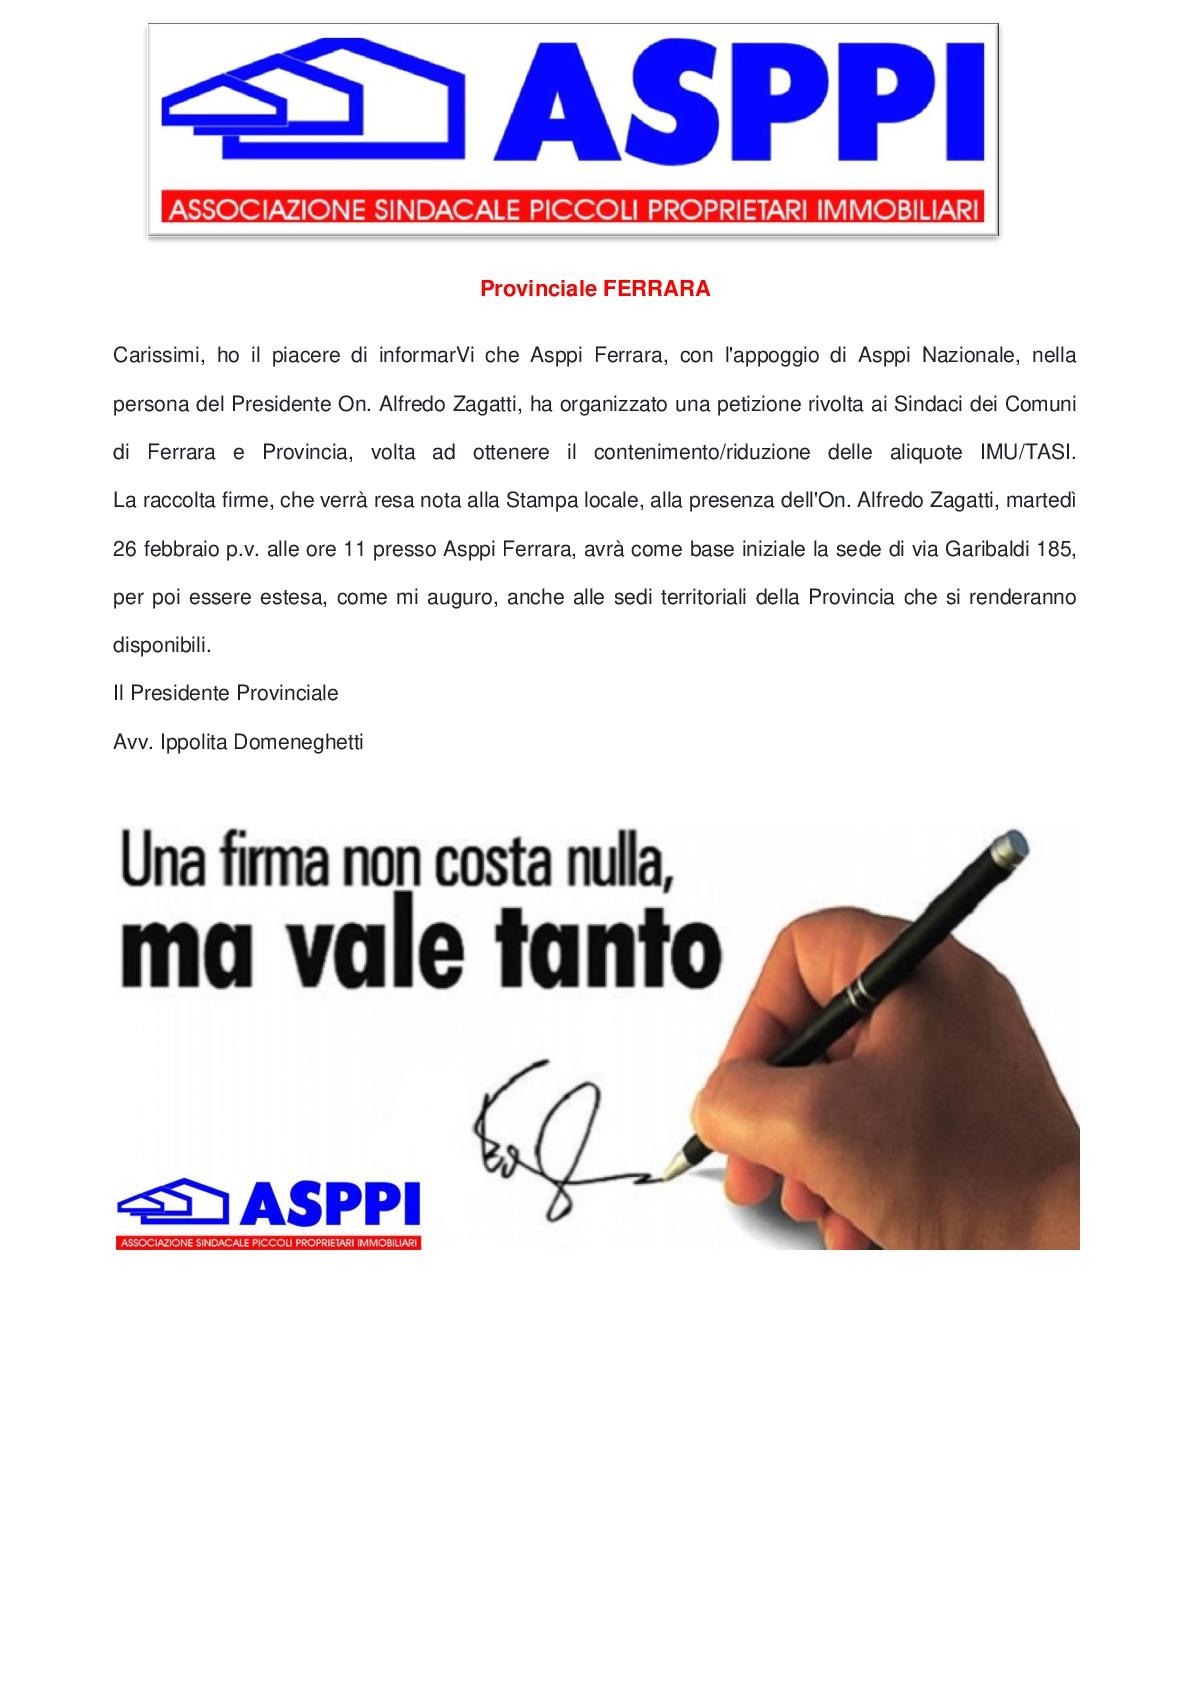 ASPPI Ferrara – Petizione per contenimento riduzione aliquote IMU/TASI per Comune di Ferrara e provincia